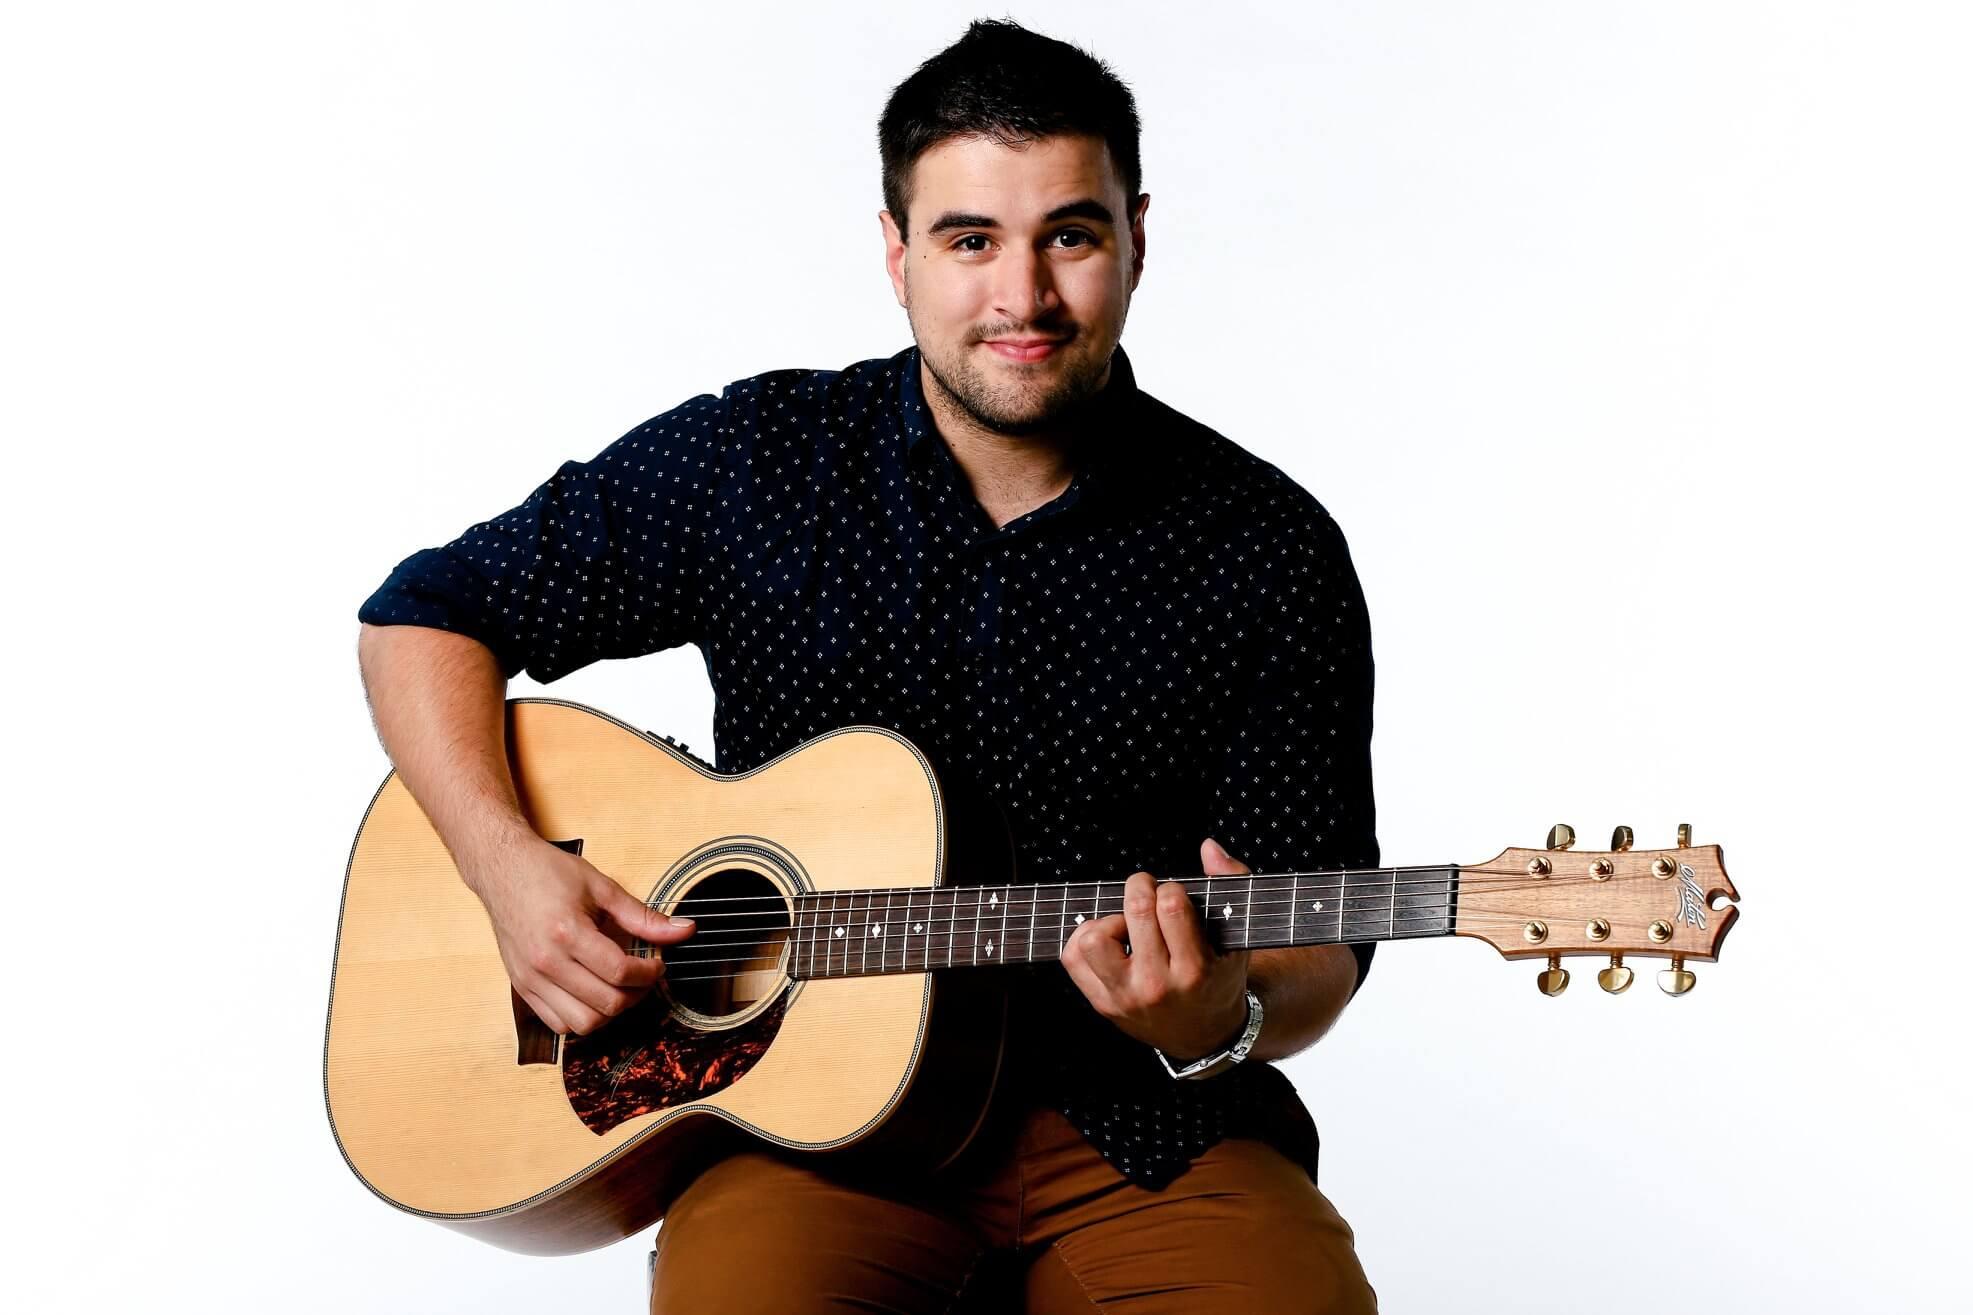 Trent Acoustic Guitar & Vocalist